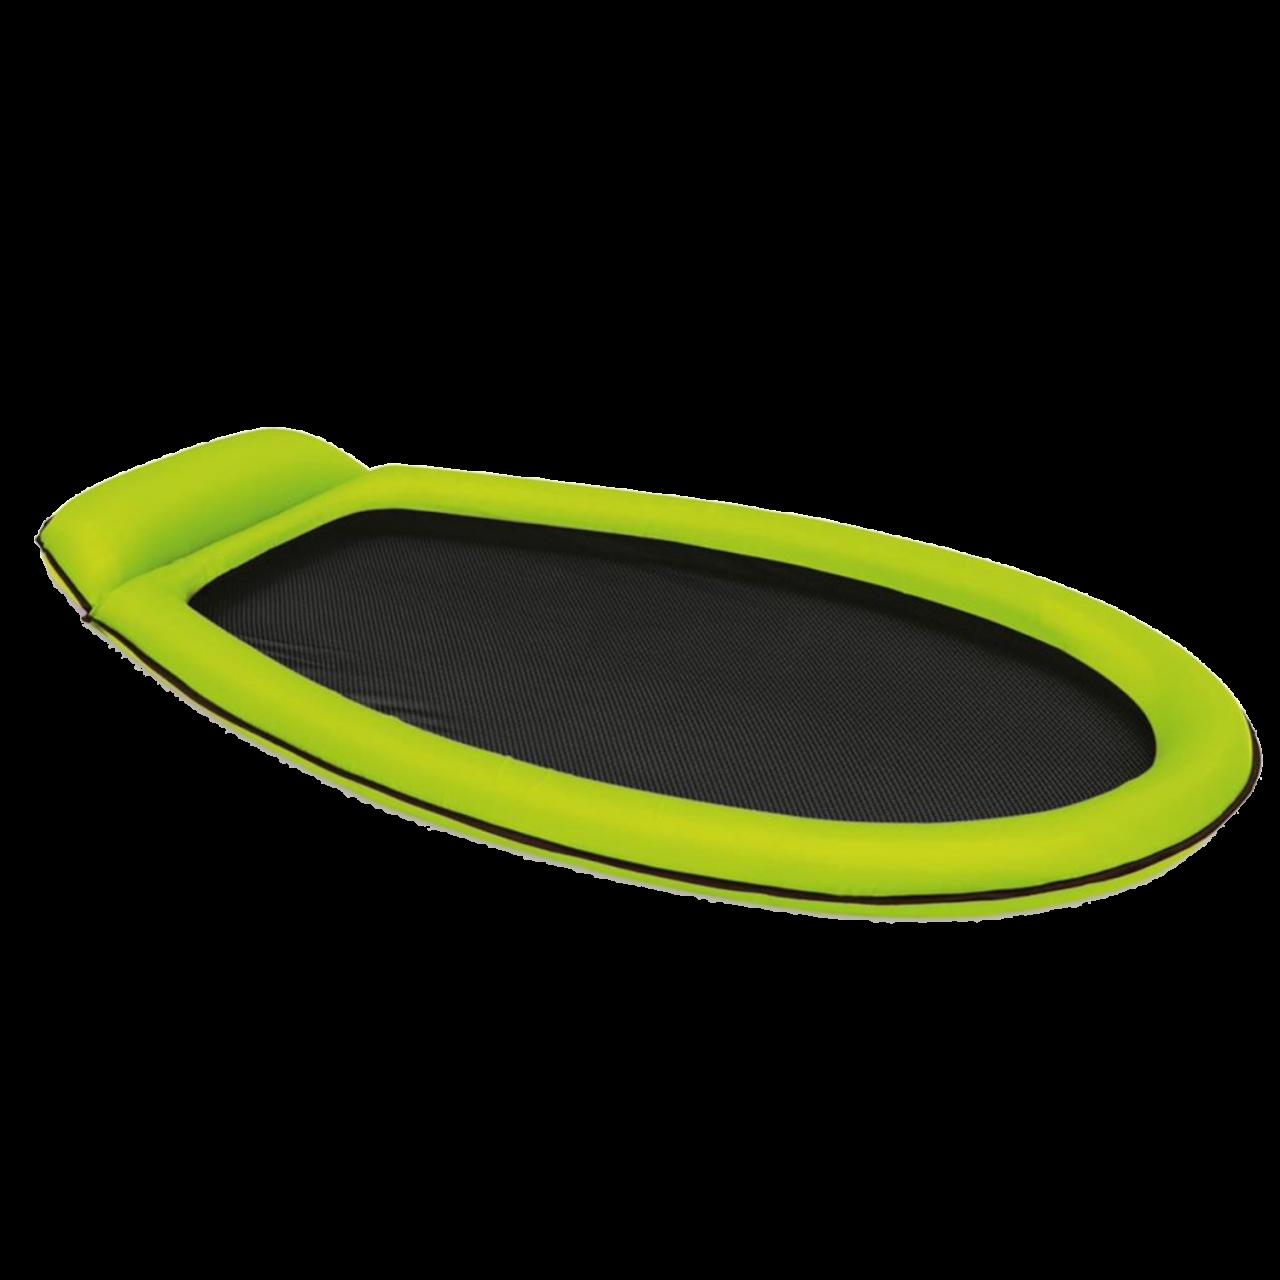 Intex Mesh Lounge 178x94 Wasserliege Luftmatratze Farblich sortiert 58836